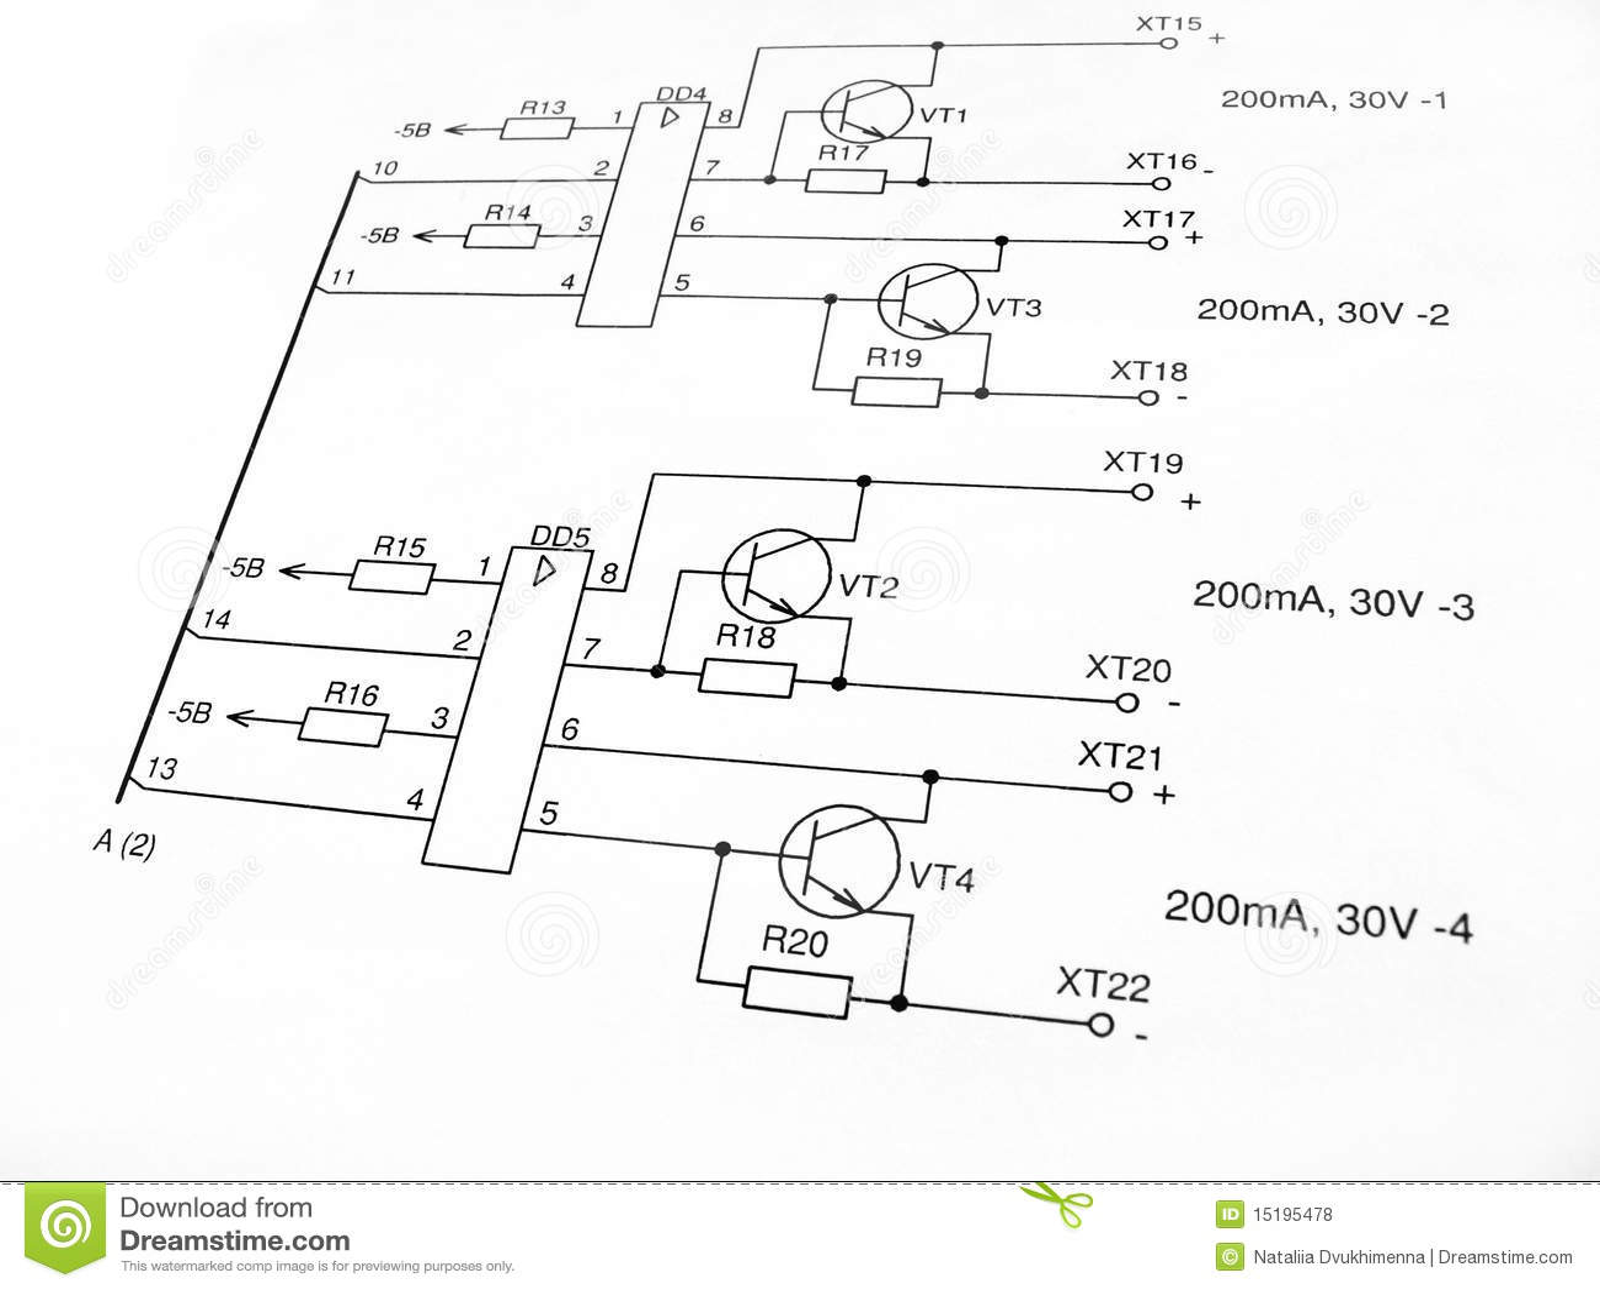 Circuito Eletricos : Circuito elétrico foto de stock imagem de digital fragmento